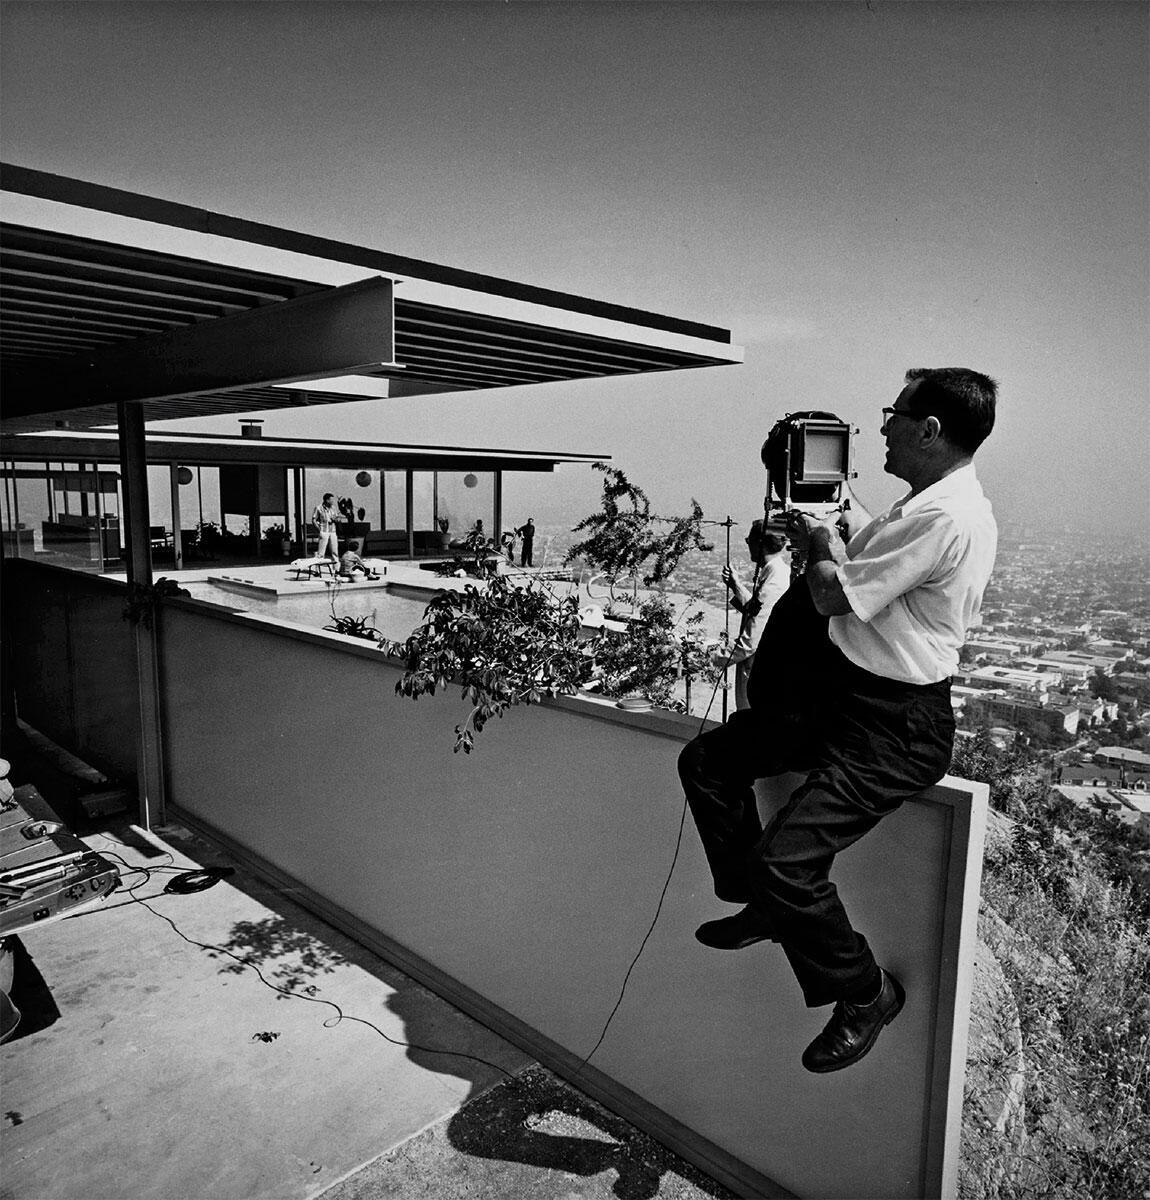 Hier entsteht ein legendäres Bild: Jules Shulman (1910 – 2009) exponiert sich beim Case Study House No. 22 von Pierre Koenig, 1960.  Bild: Paul Getty Trust